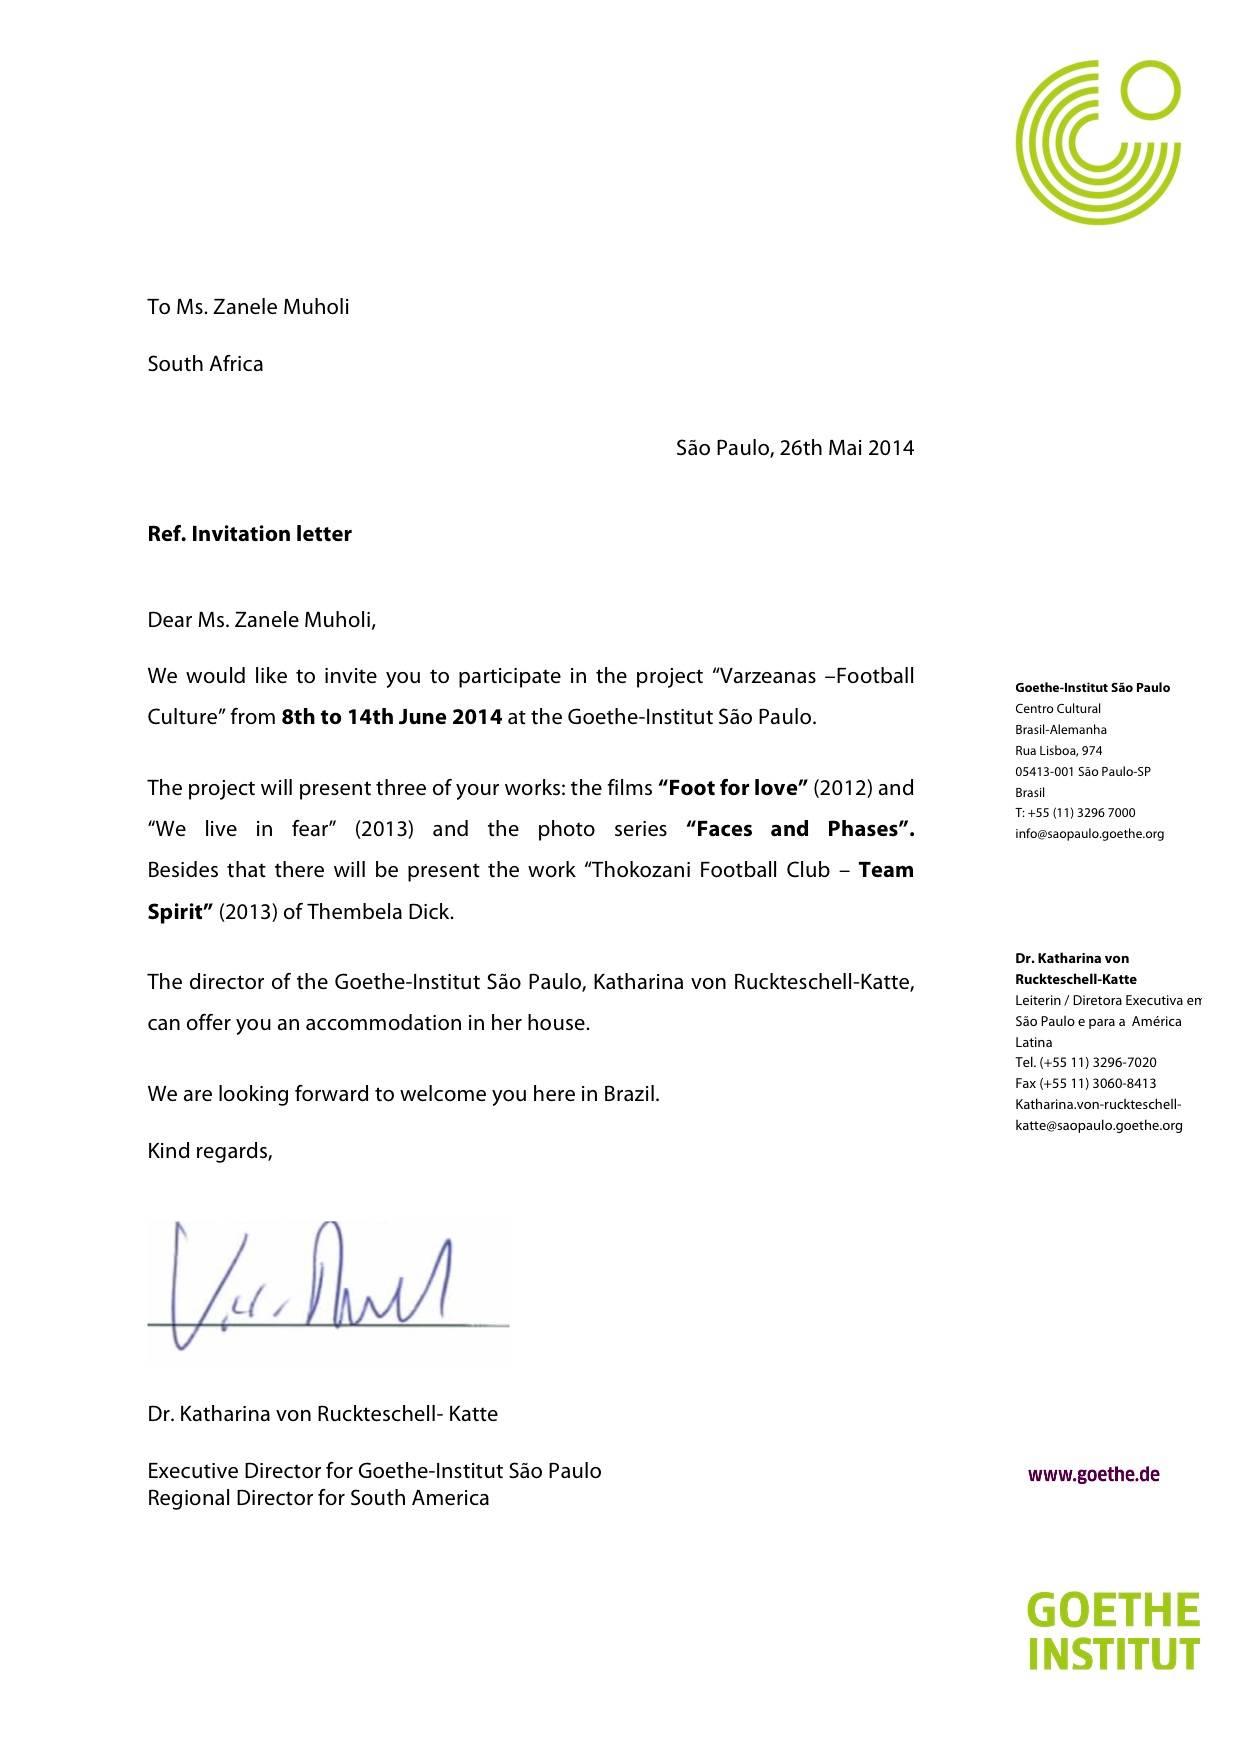 Vip Invitation Letter Template